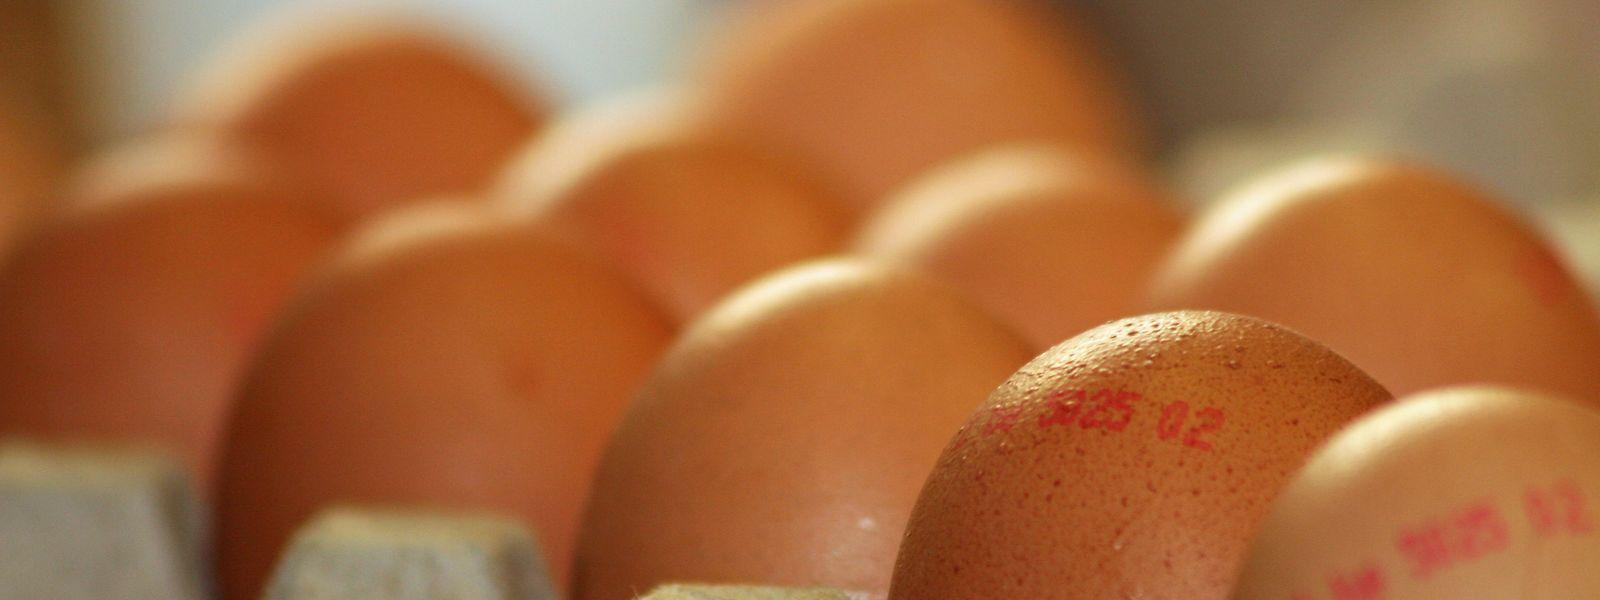 Millionen niederländischer Eier sind mit Fipronil belastet.